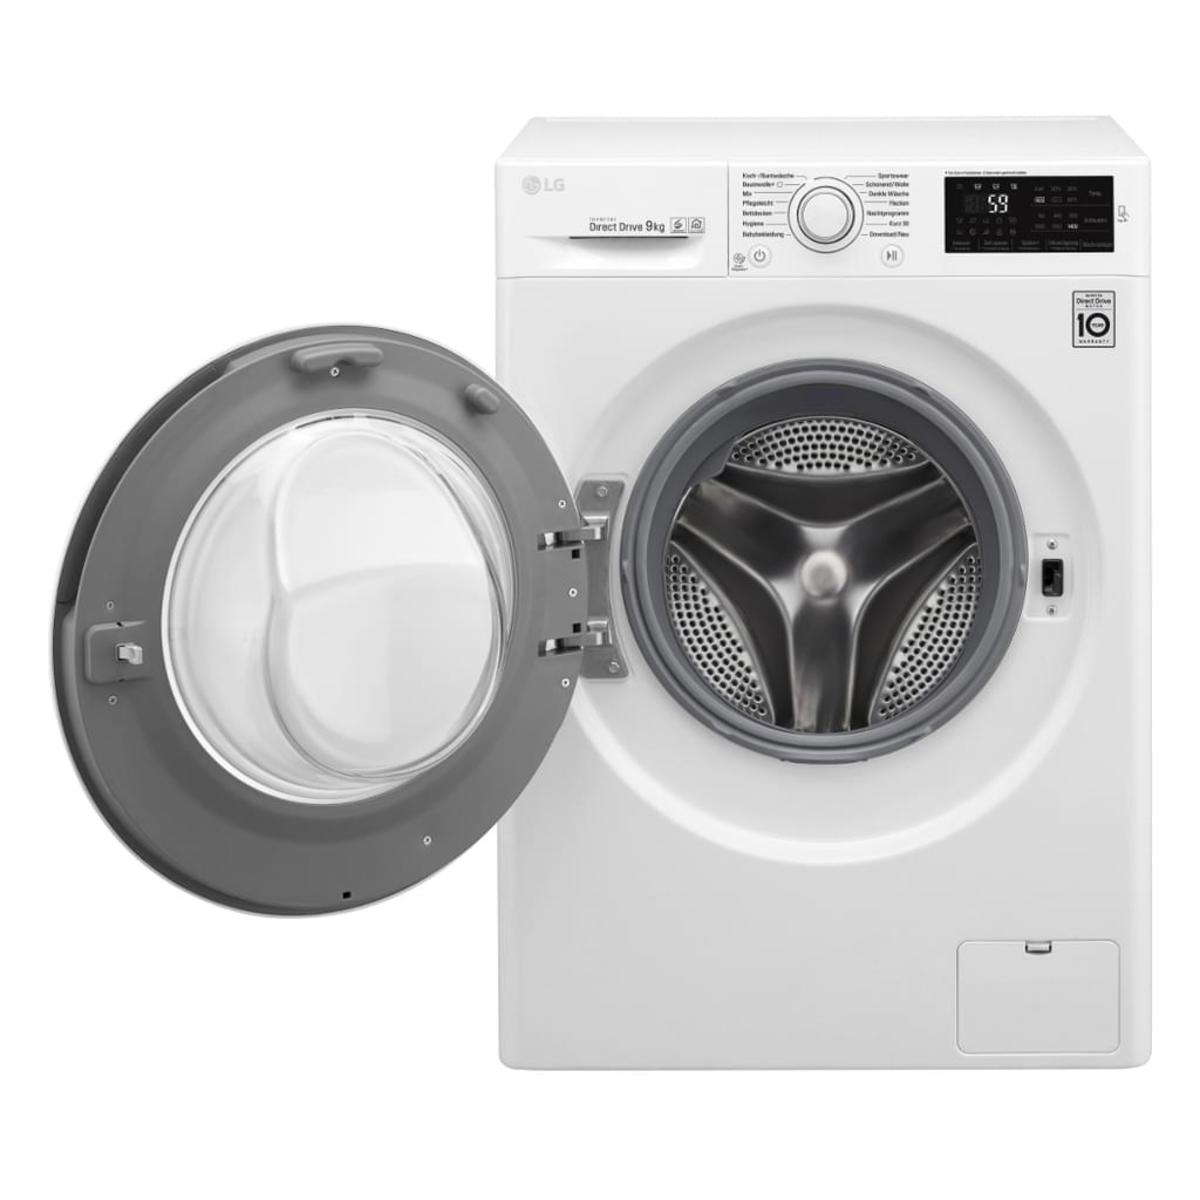 Bild 2 von LG Waschmaschine F 14 WM9 EN0 A+++